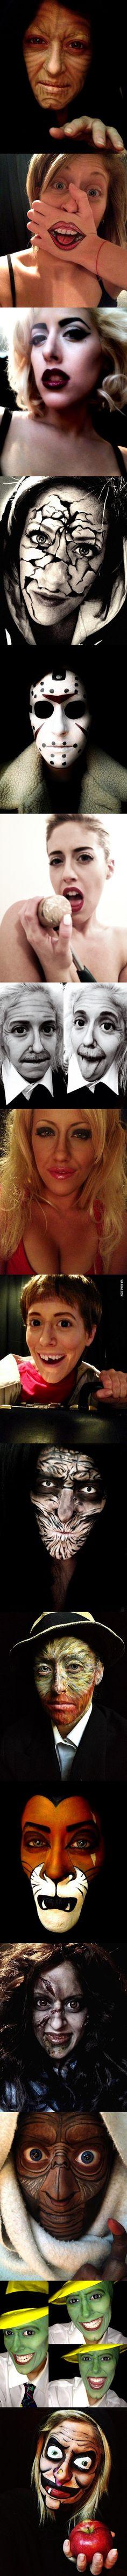 Crazy Makeup Transformations!